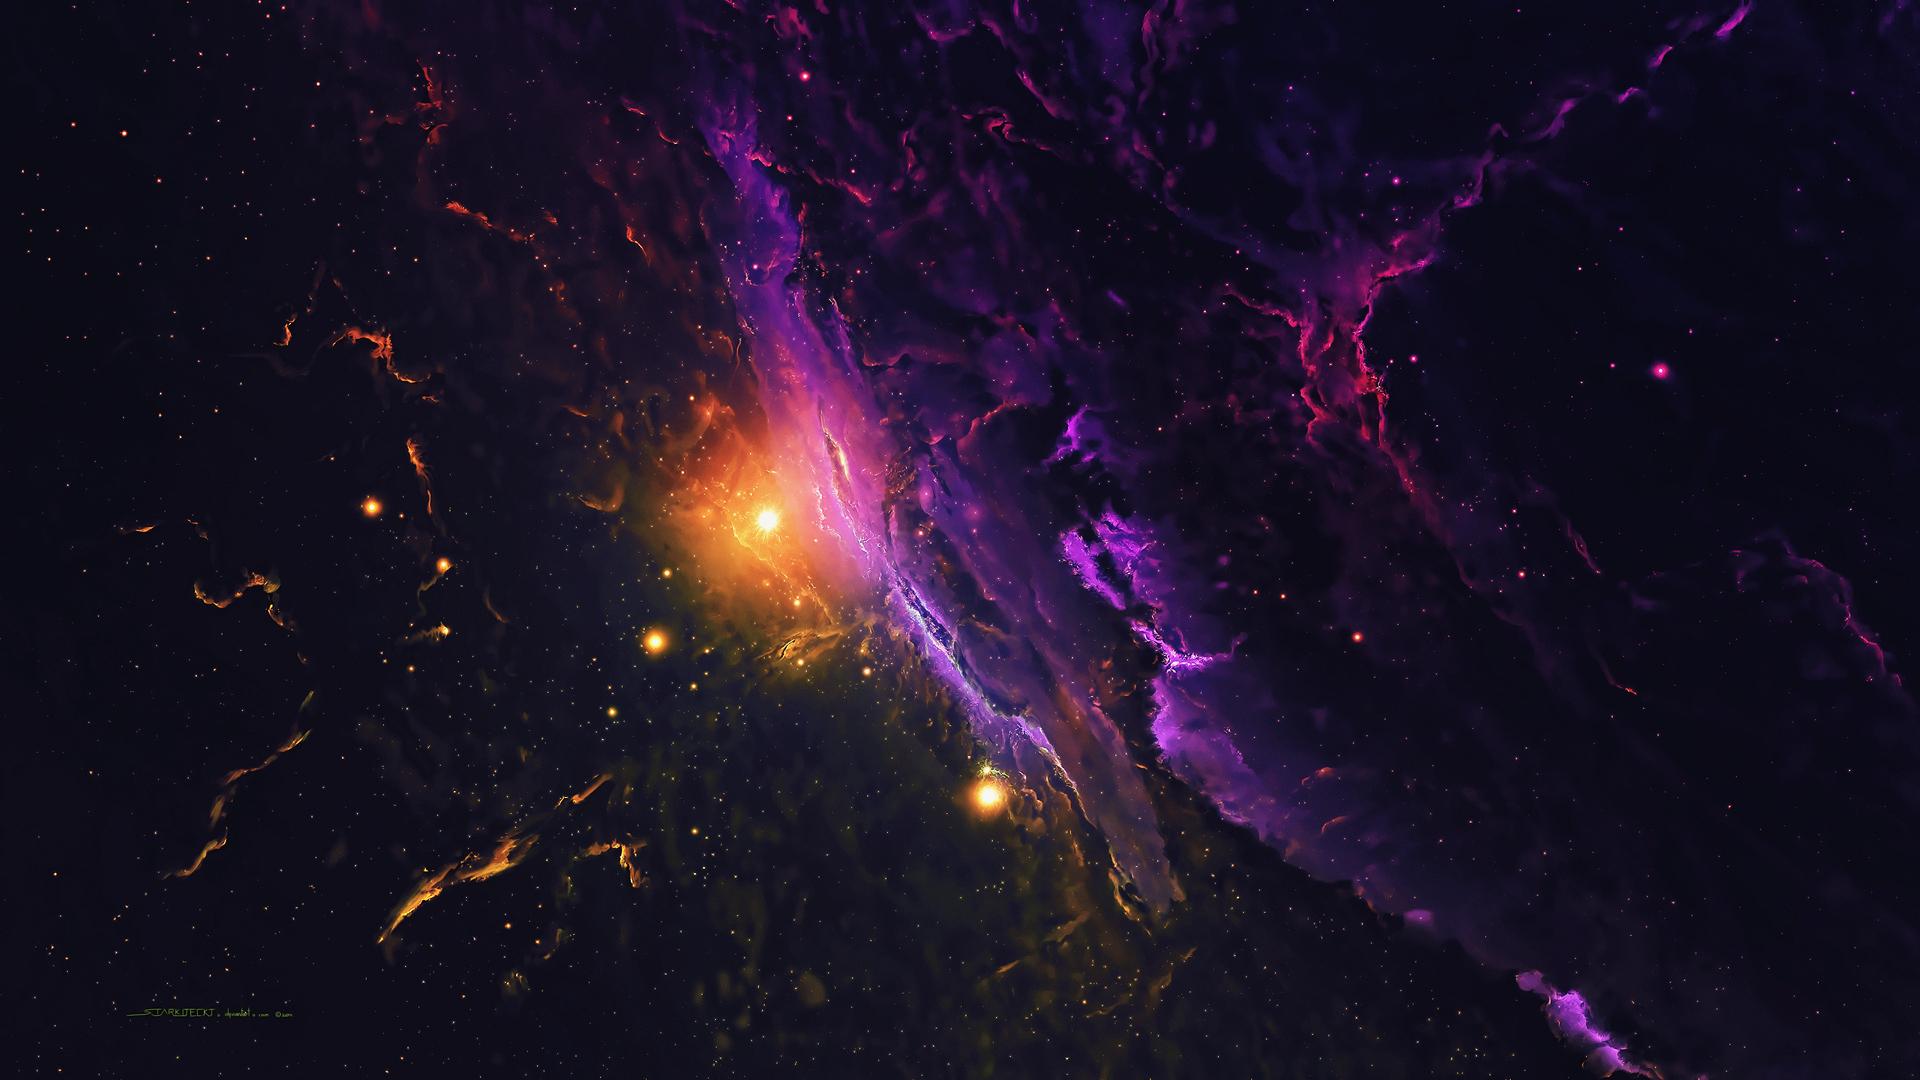 1920x1080 Nebula Galaxy Space Stars Universe 4k Laptop ...